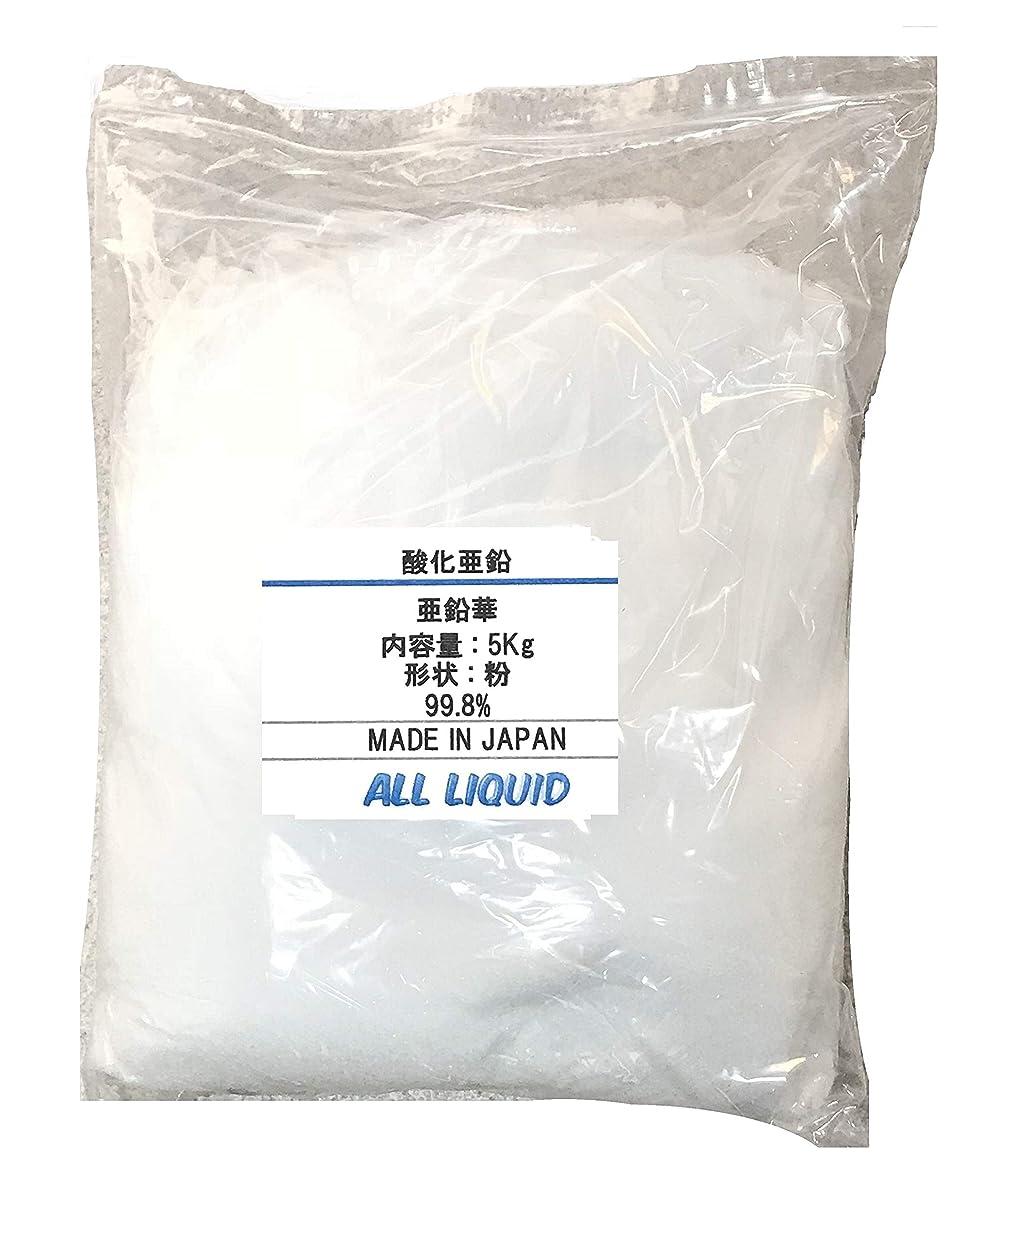 ダニ黄ばむスイス人酸化亜鉛「亜鉛華」精製 1kg 各サイズ選べます。